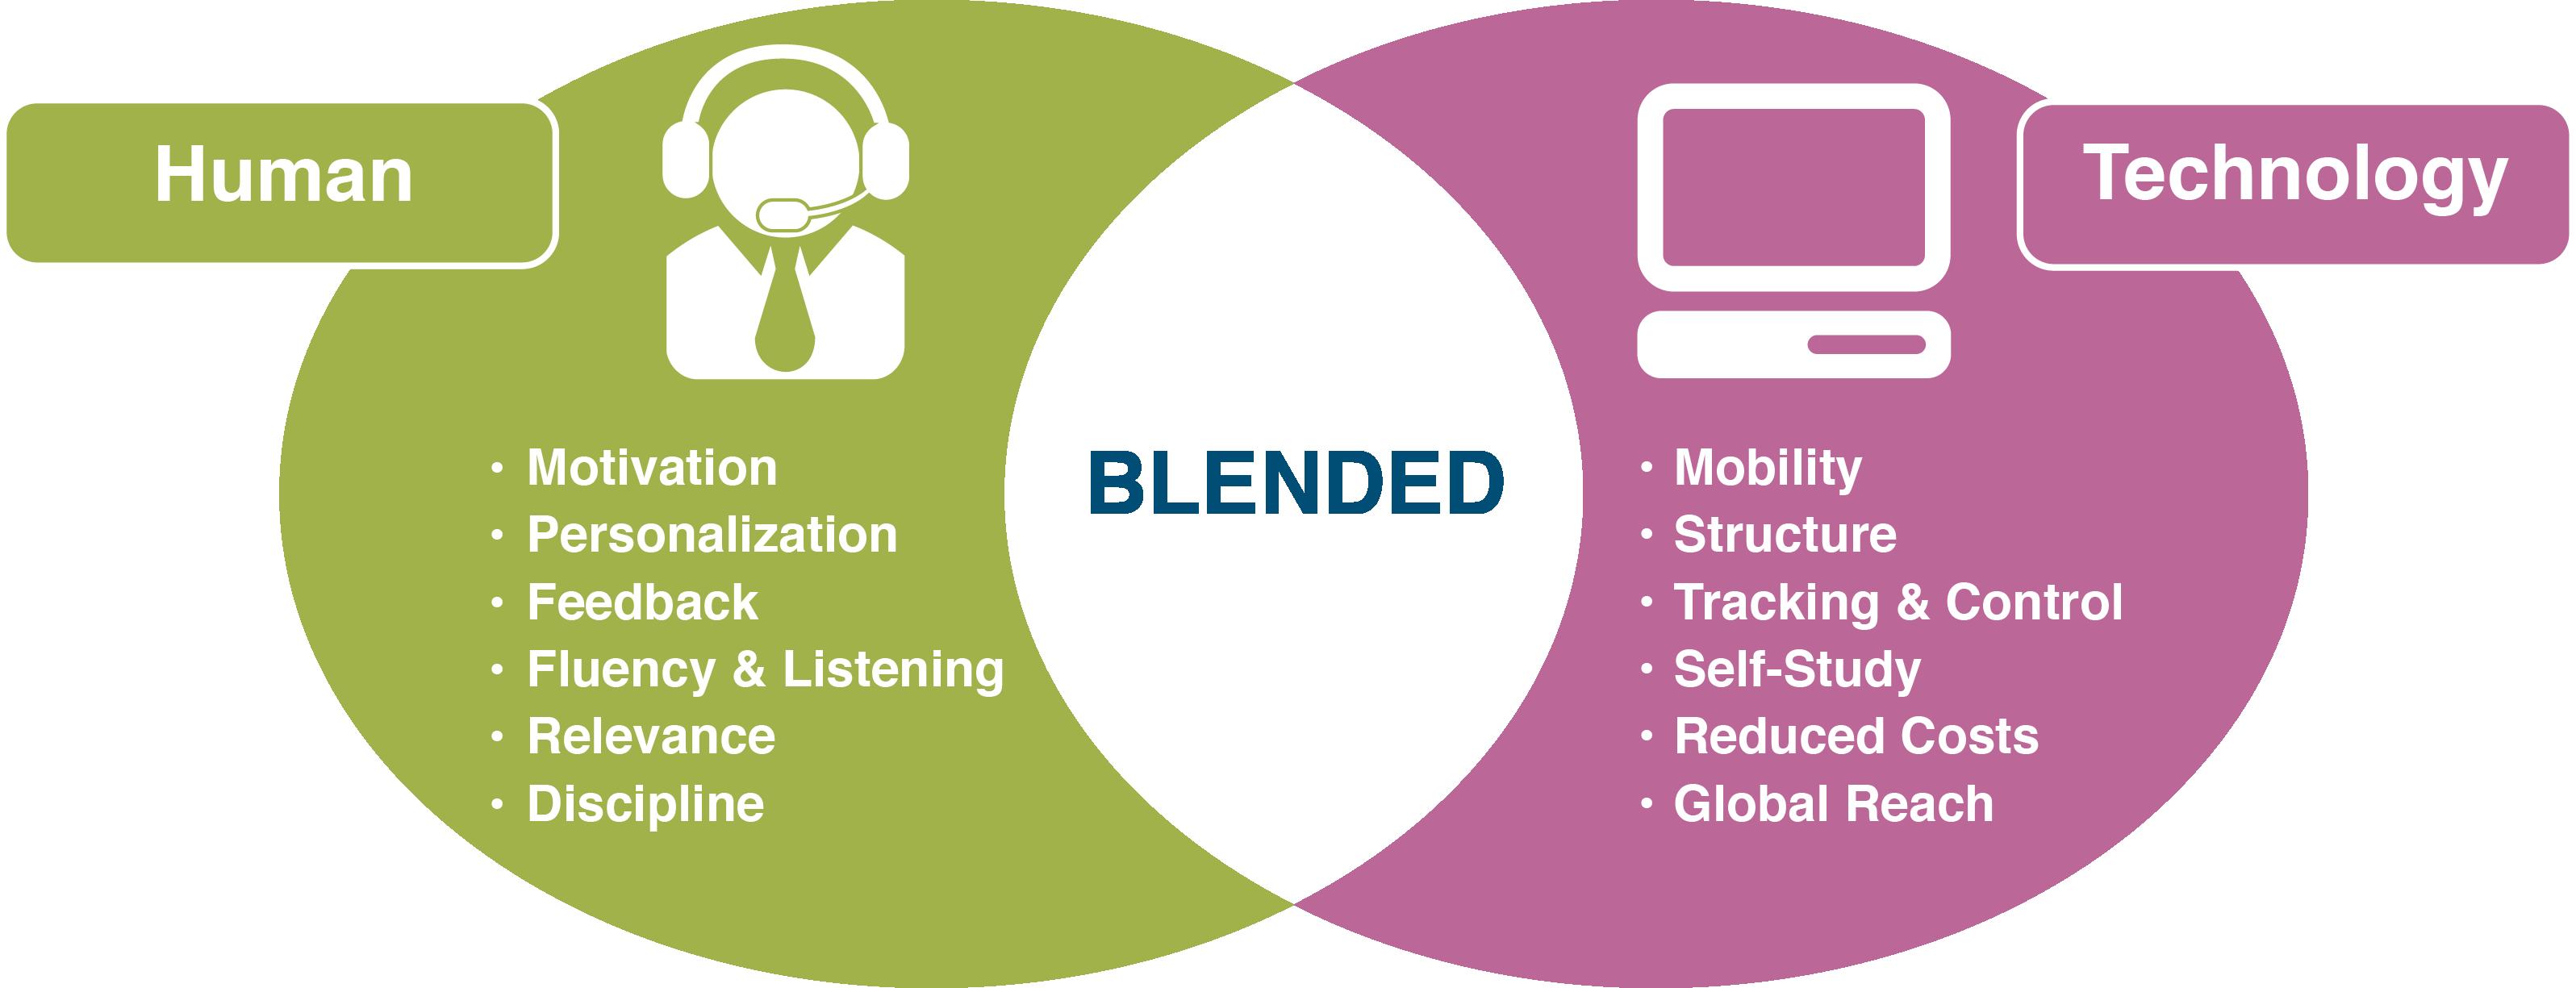 BlendedLearning_venn_diagram